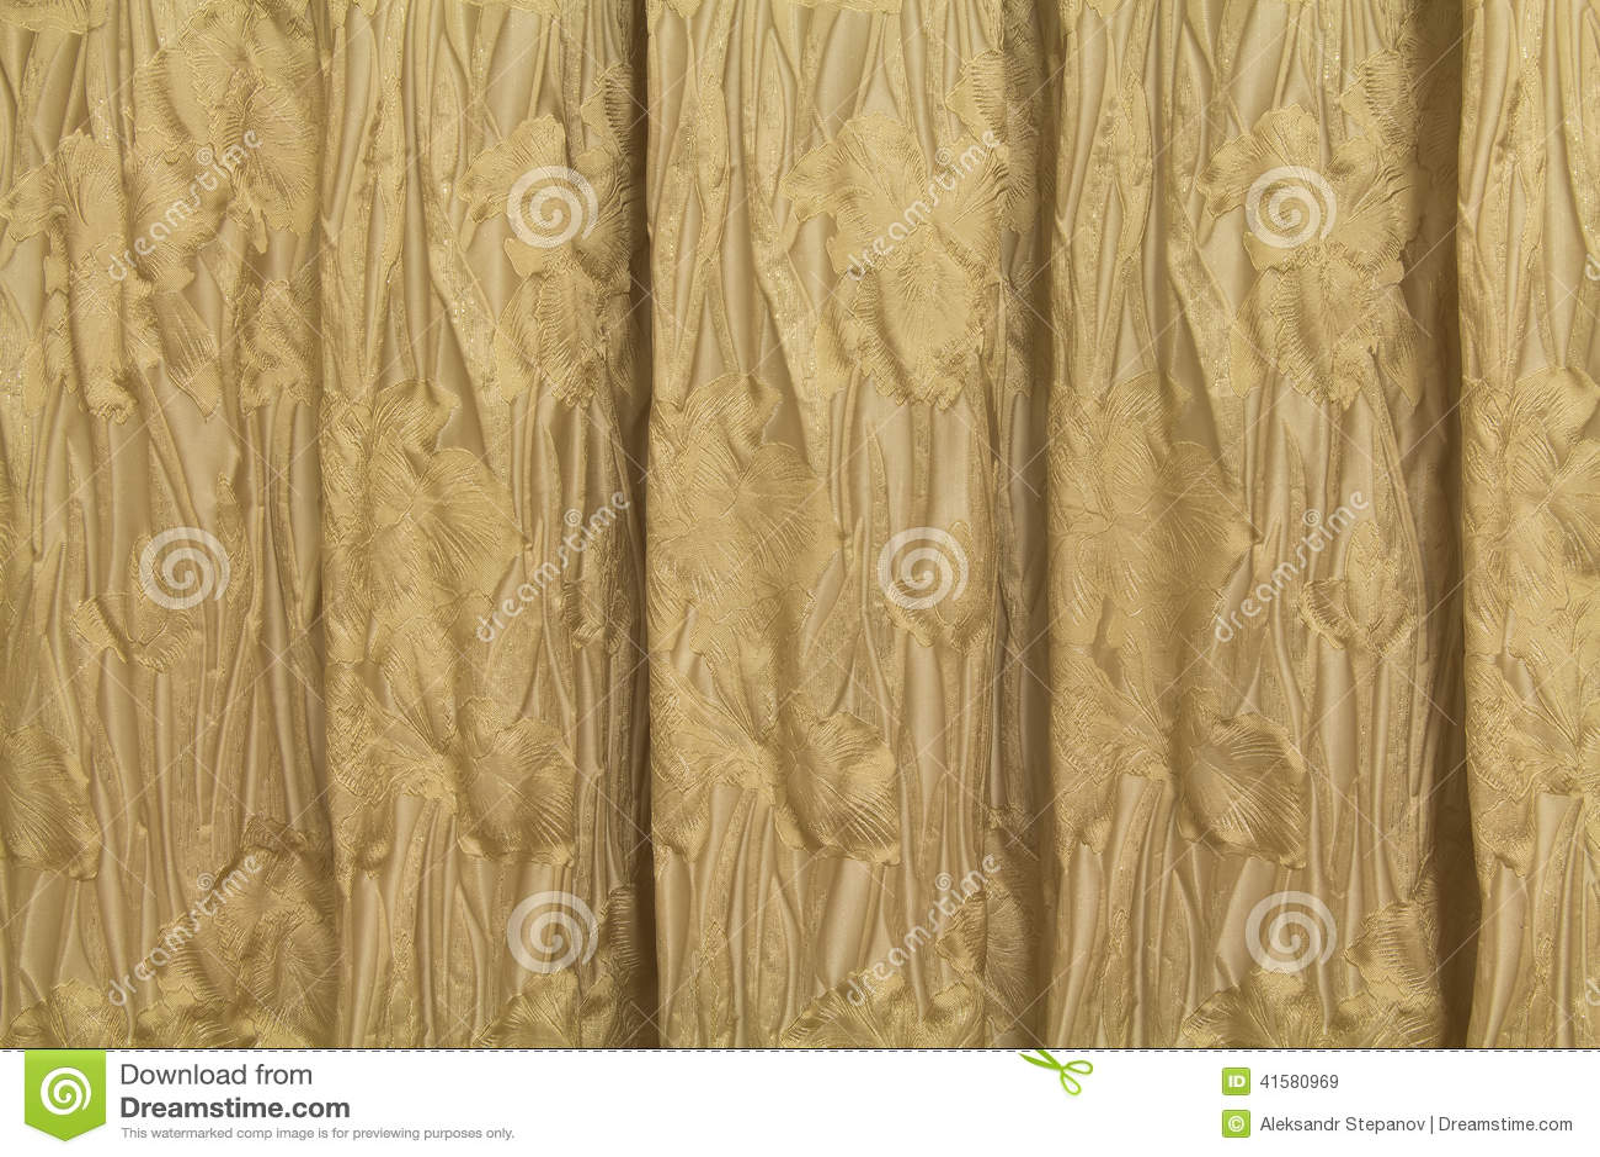 gouden gordijnen met een patroon in de vorm van bloemen